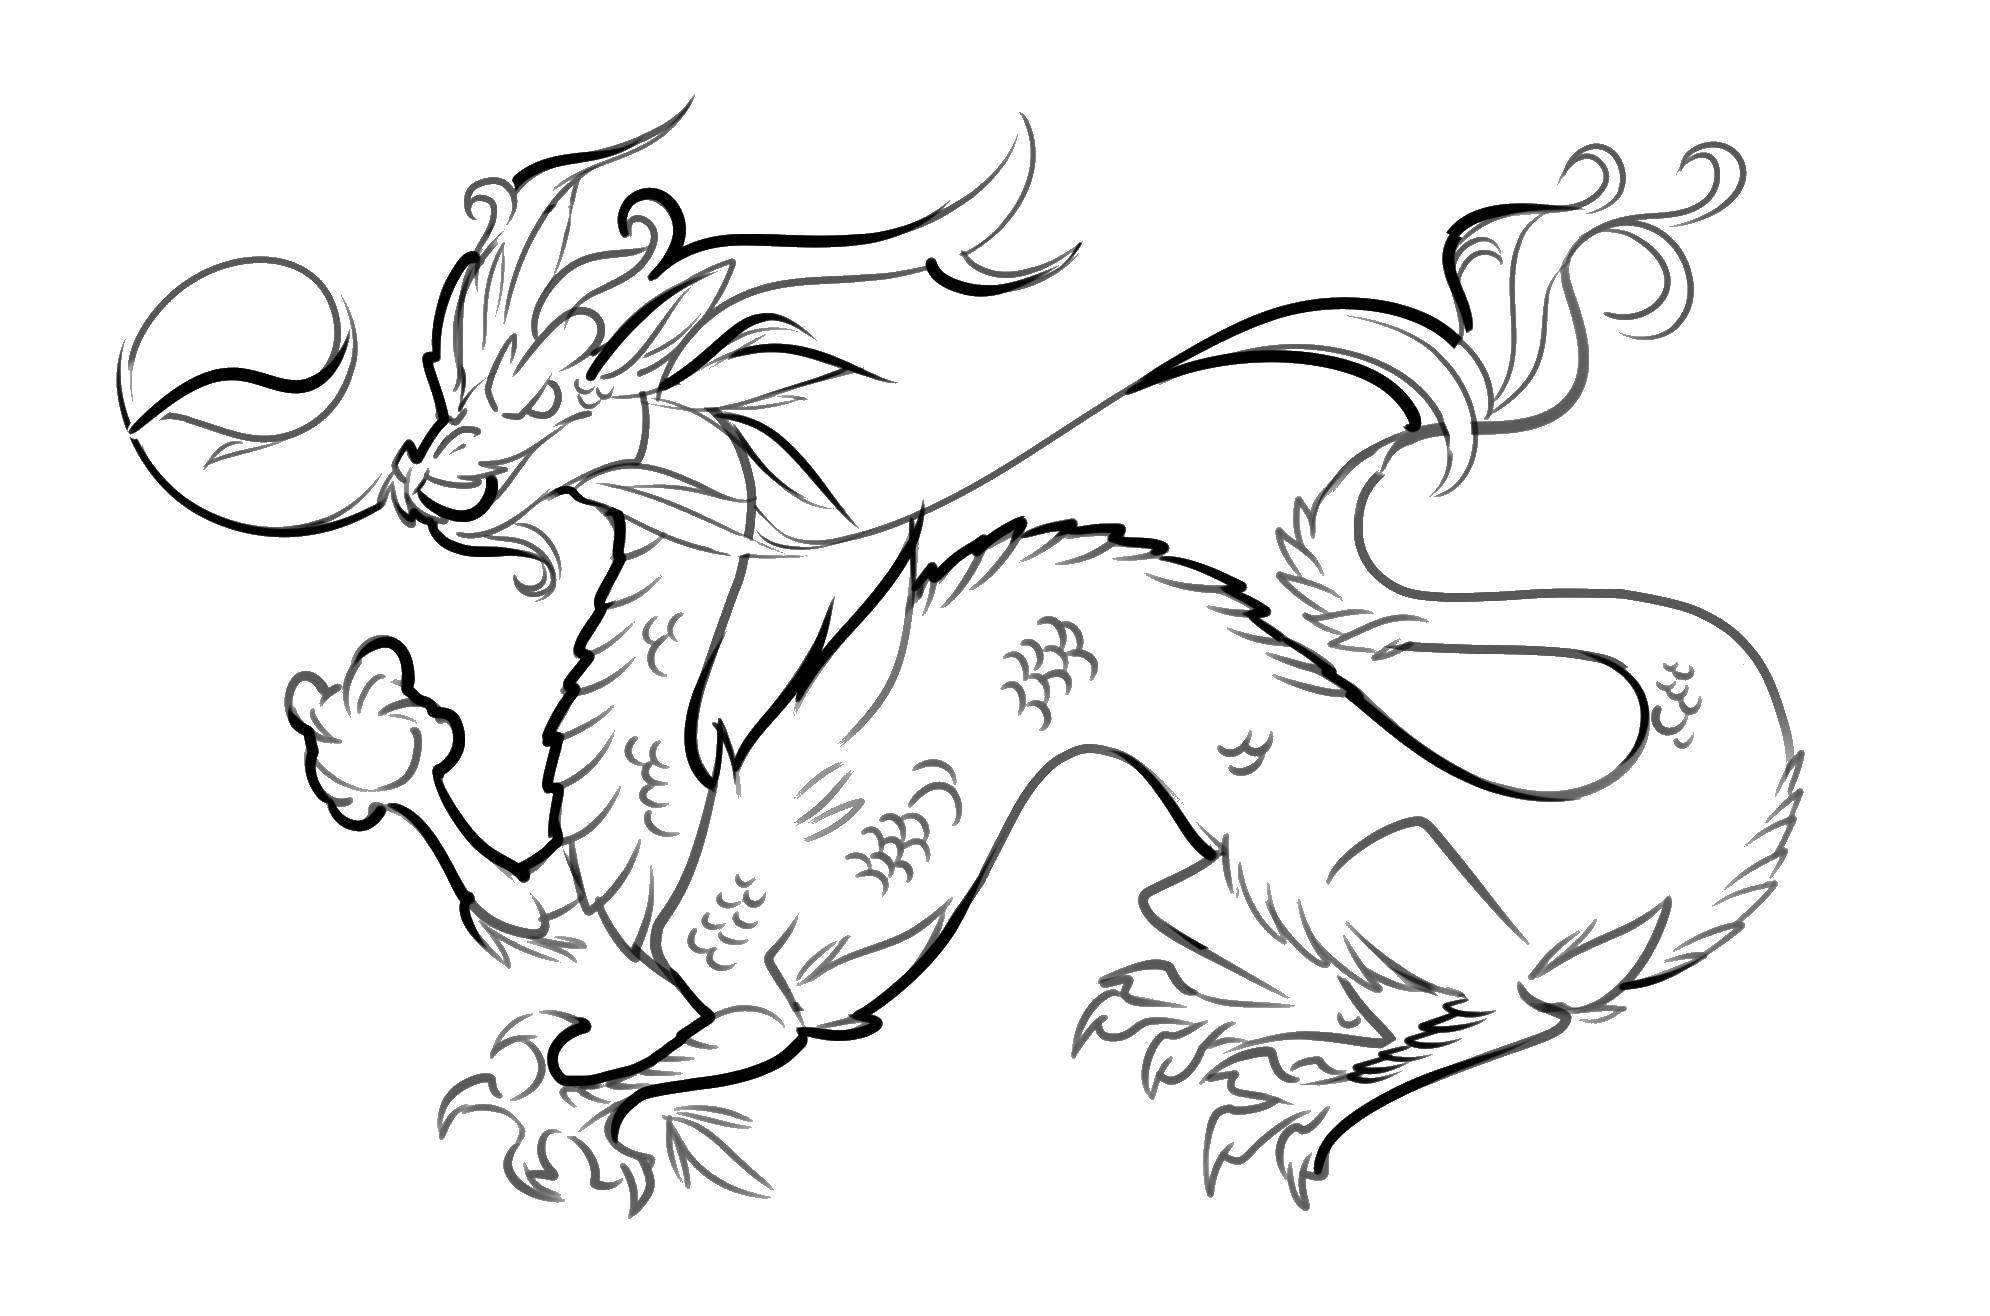 Раскраска Китайский дракон Скачать дракон, хвост.  Распечатать ,Религия,